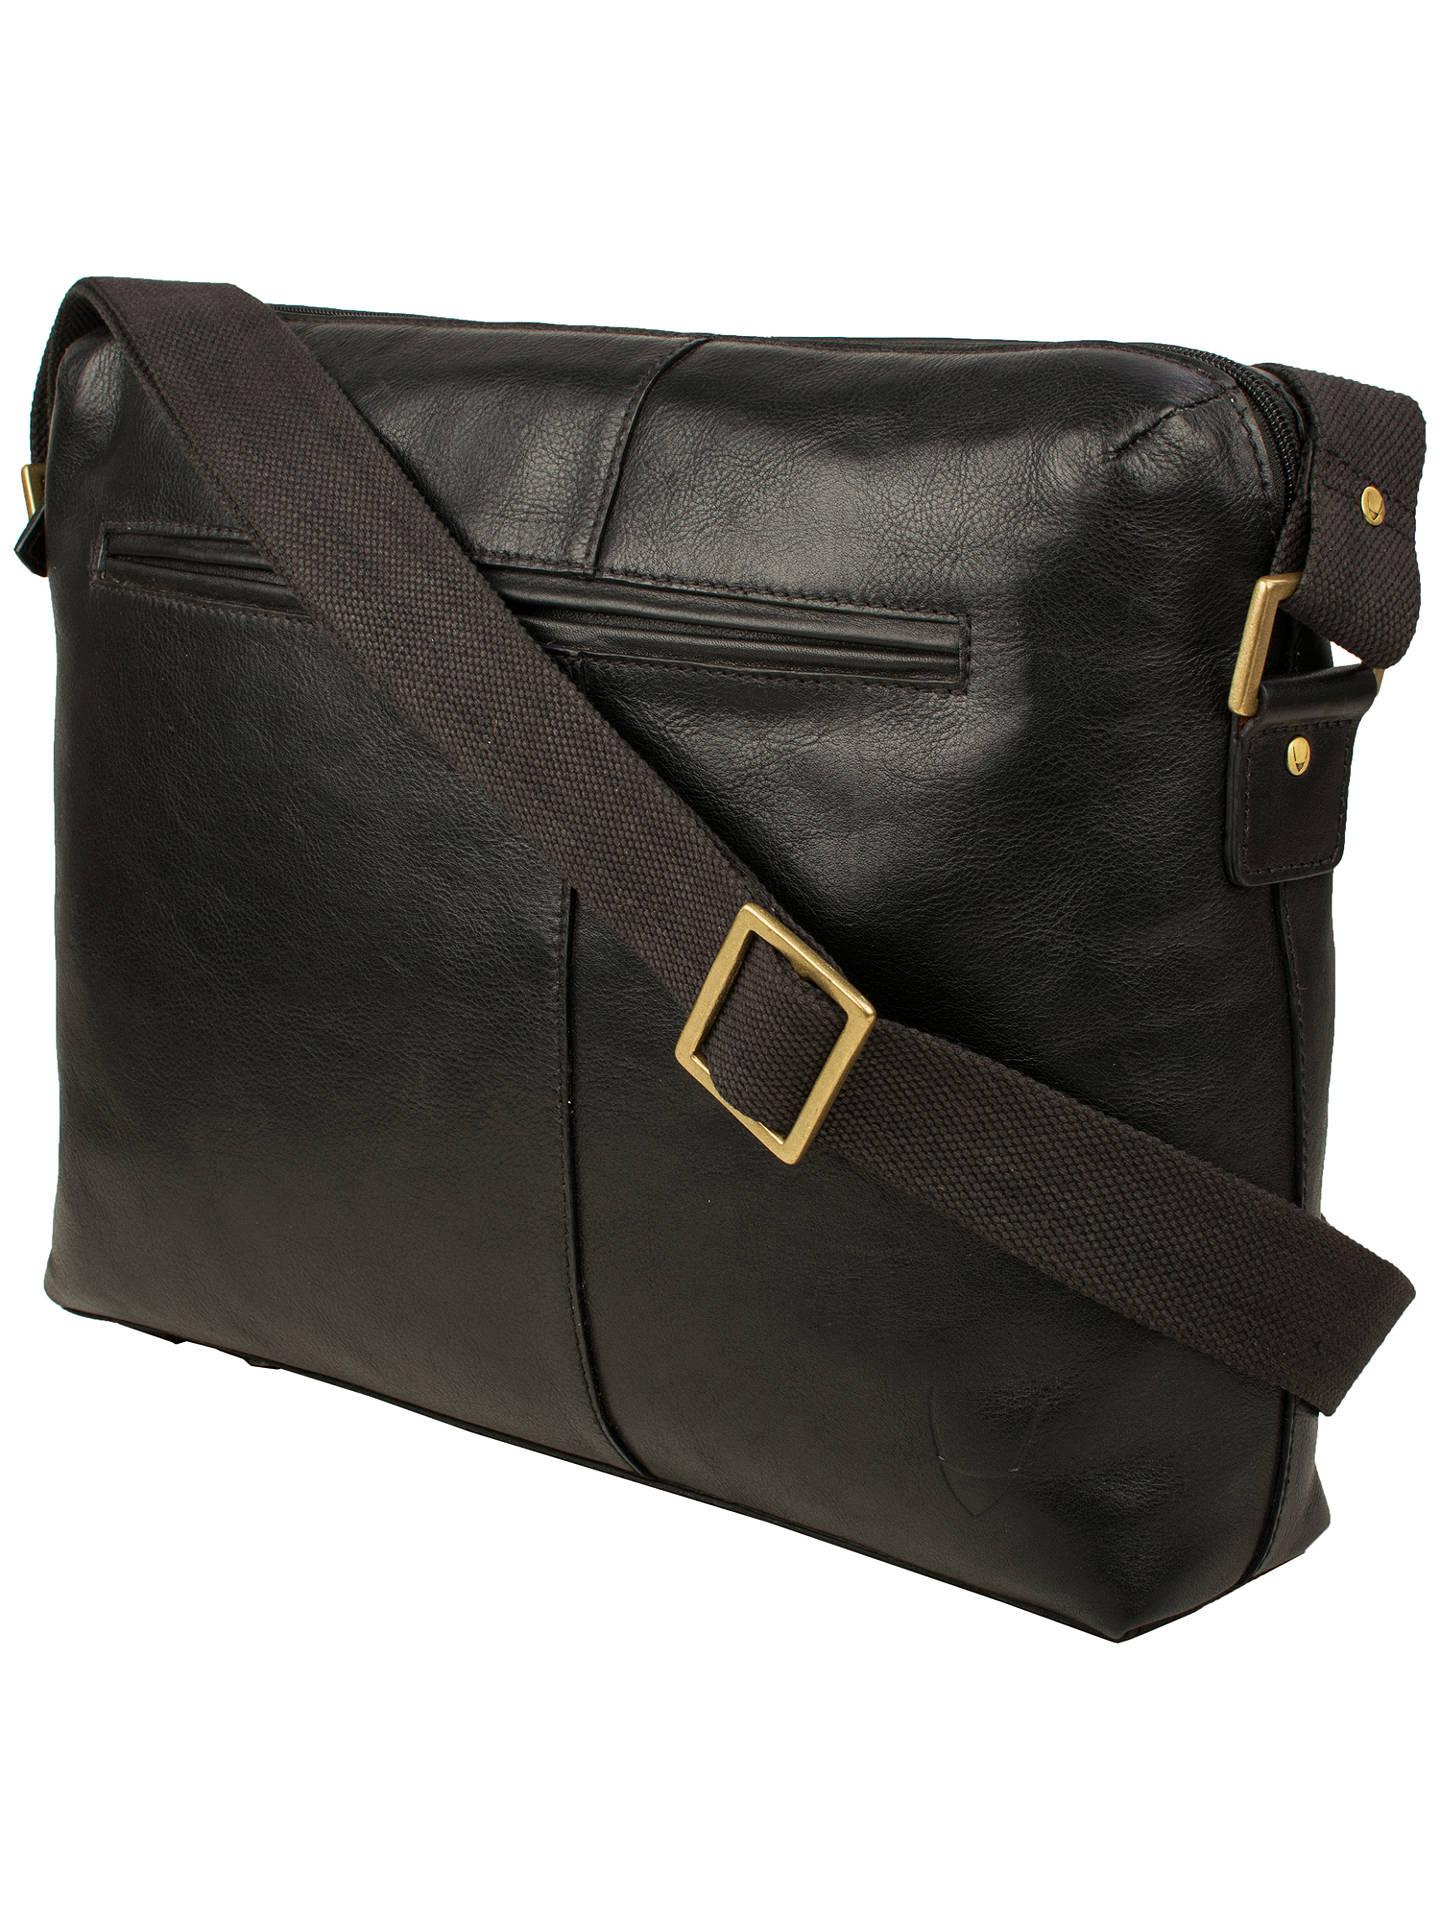 4eede501af8 Hidesign Fitch 02 Leather Zip-Up Shoulder Bag, Black